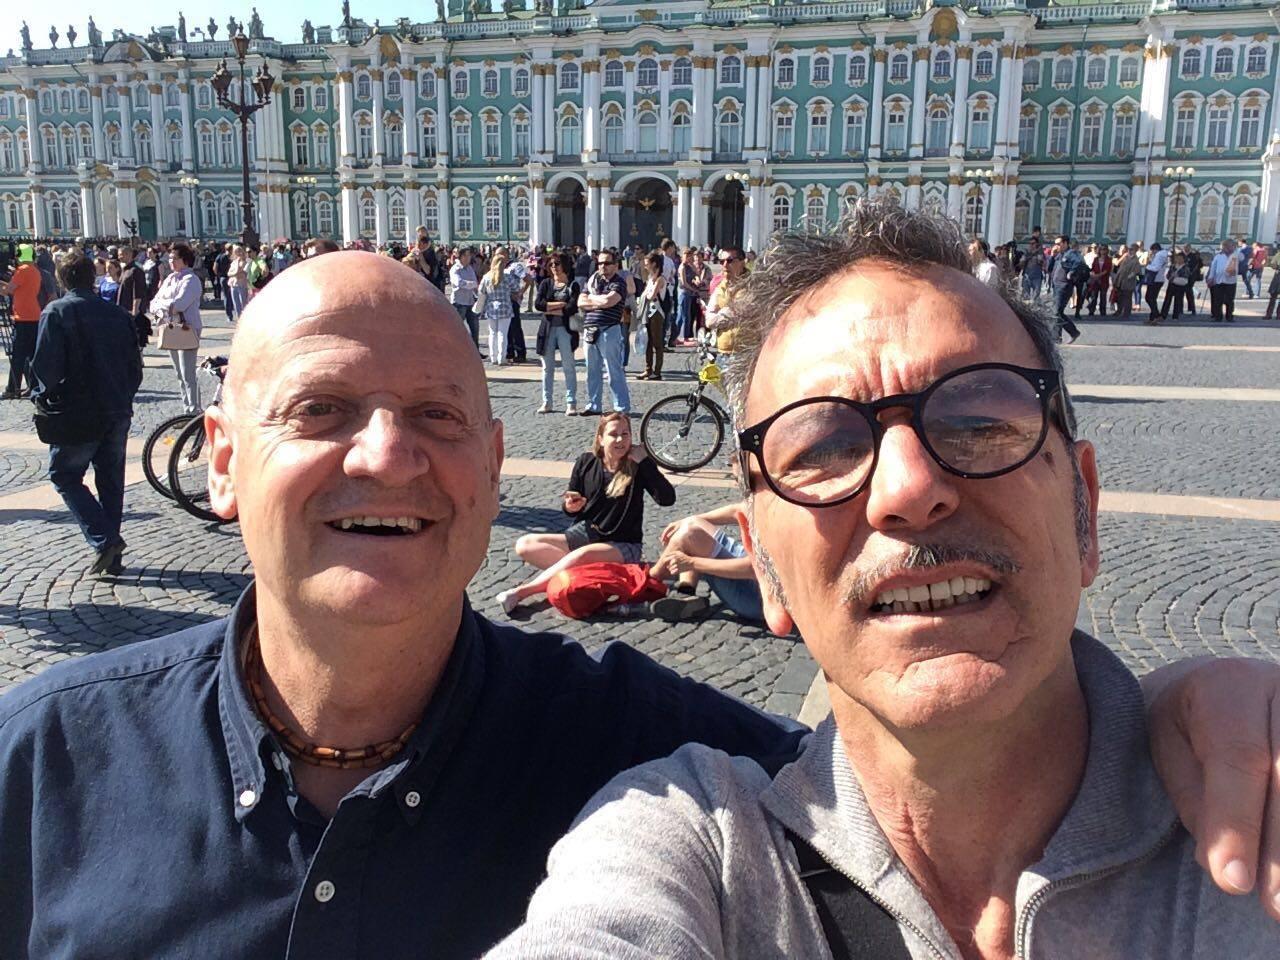 Città di Castello: Gli artisti Giampaolo Tomassetti e Patrizio Landolfi alla Pushkinskaya Art Residency di San Pietroburgo